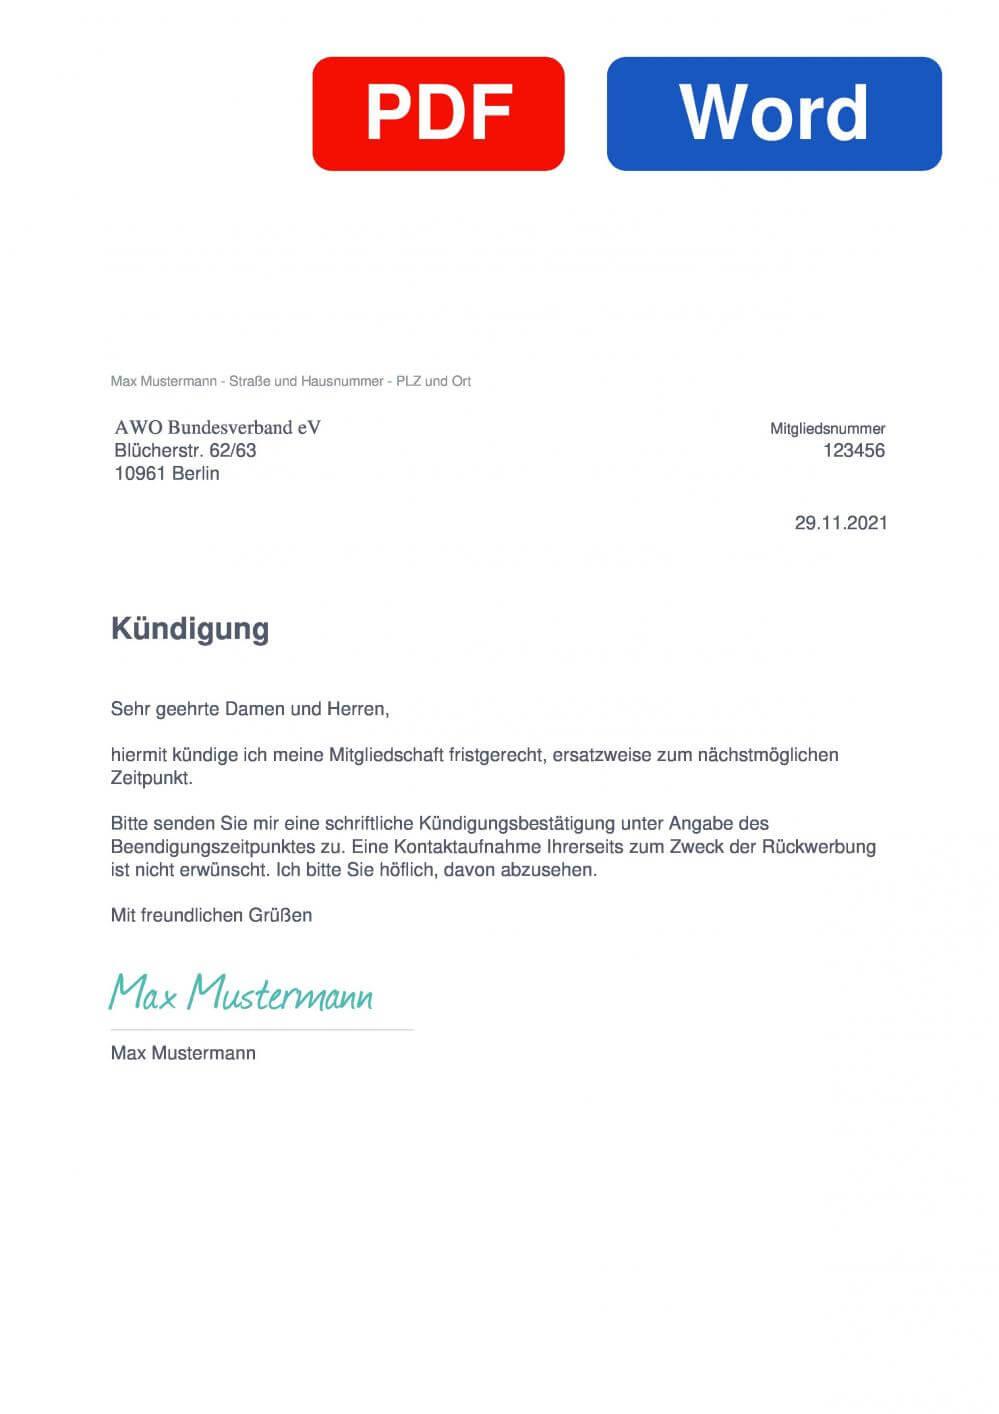 AWO Bundesverband Muster Vorlage für Kündigungsschreiben